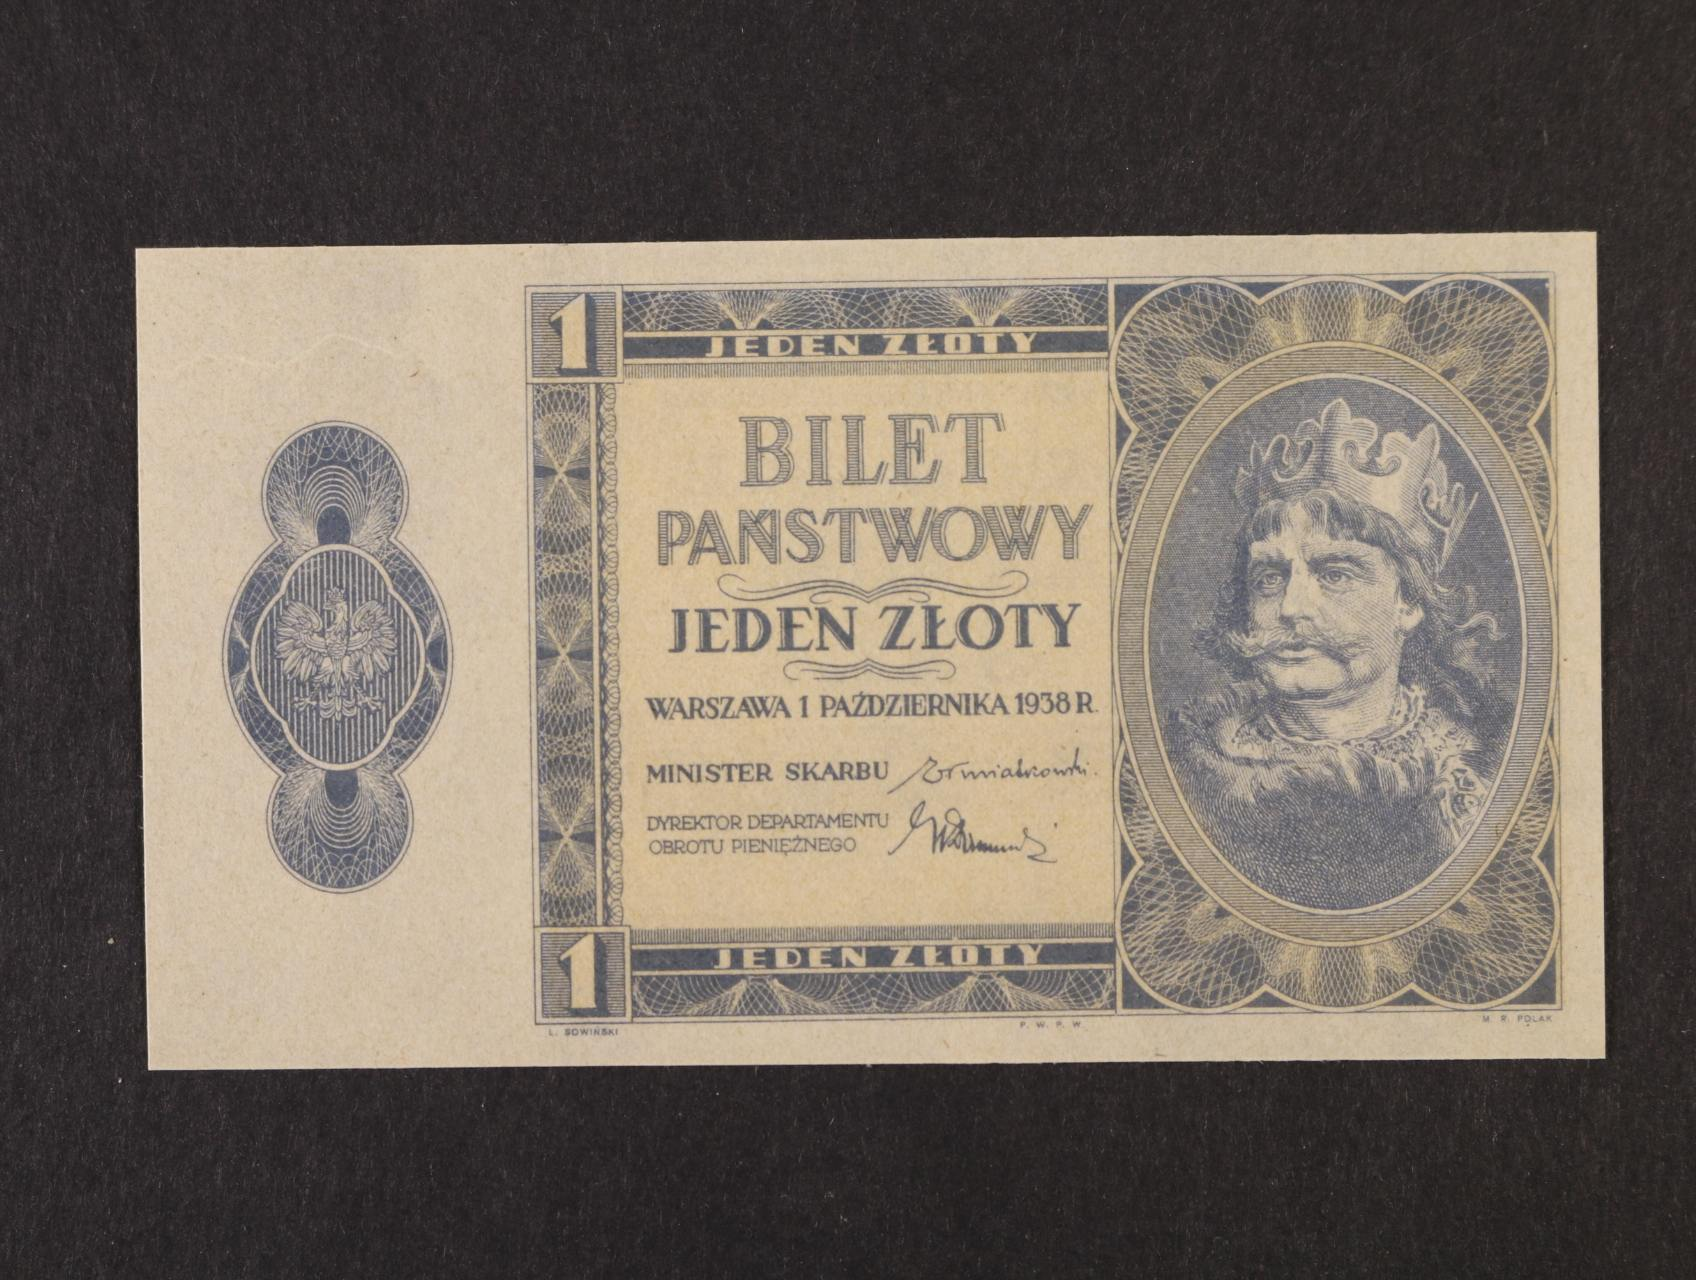 1 Zloty 1.10.1938 bez série a čísla, na rubu posunutý tisk líce, platná na ČS území, Pi. 50, Ba. PL1b